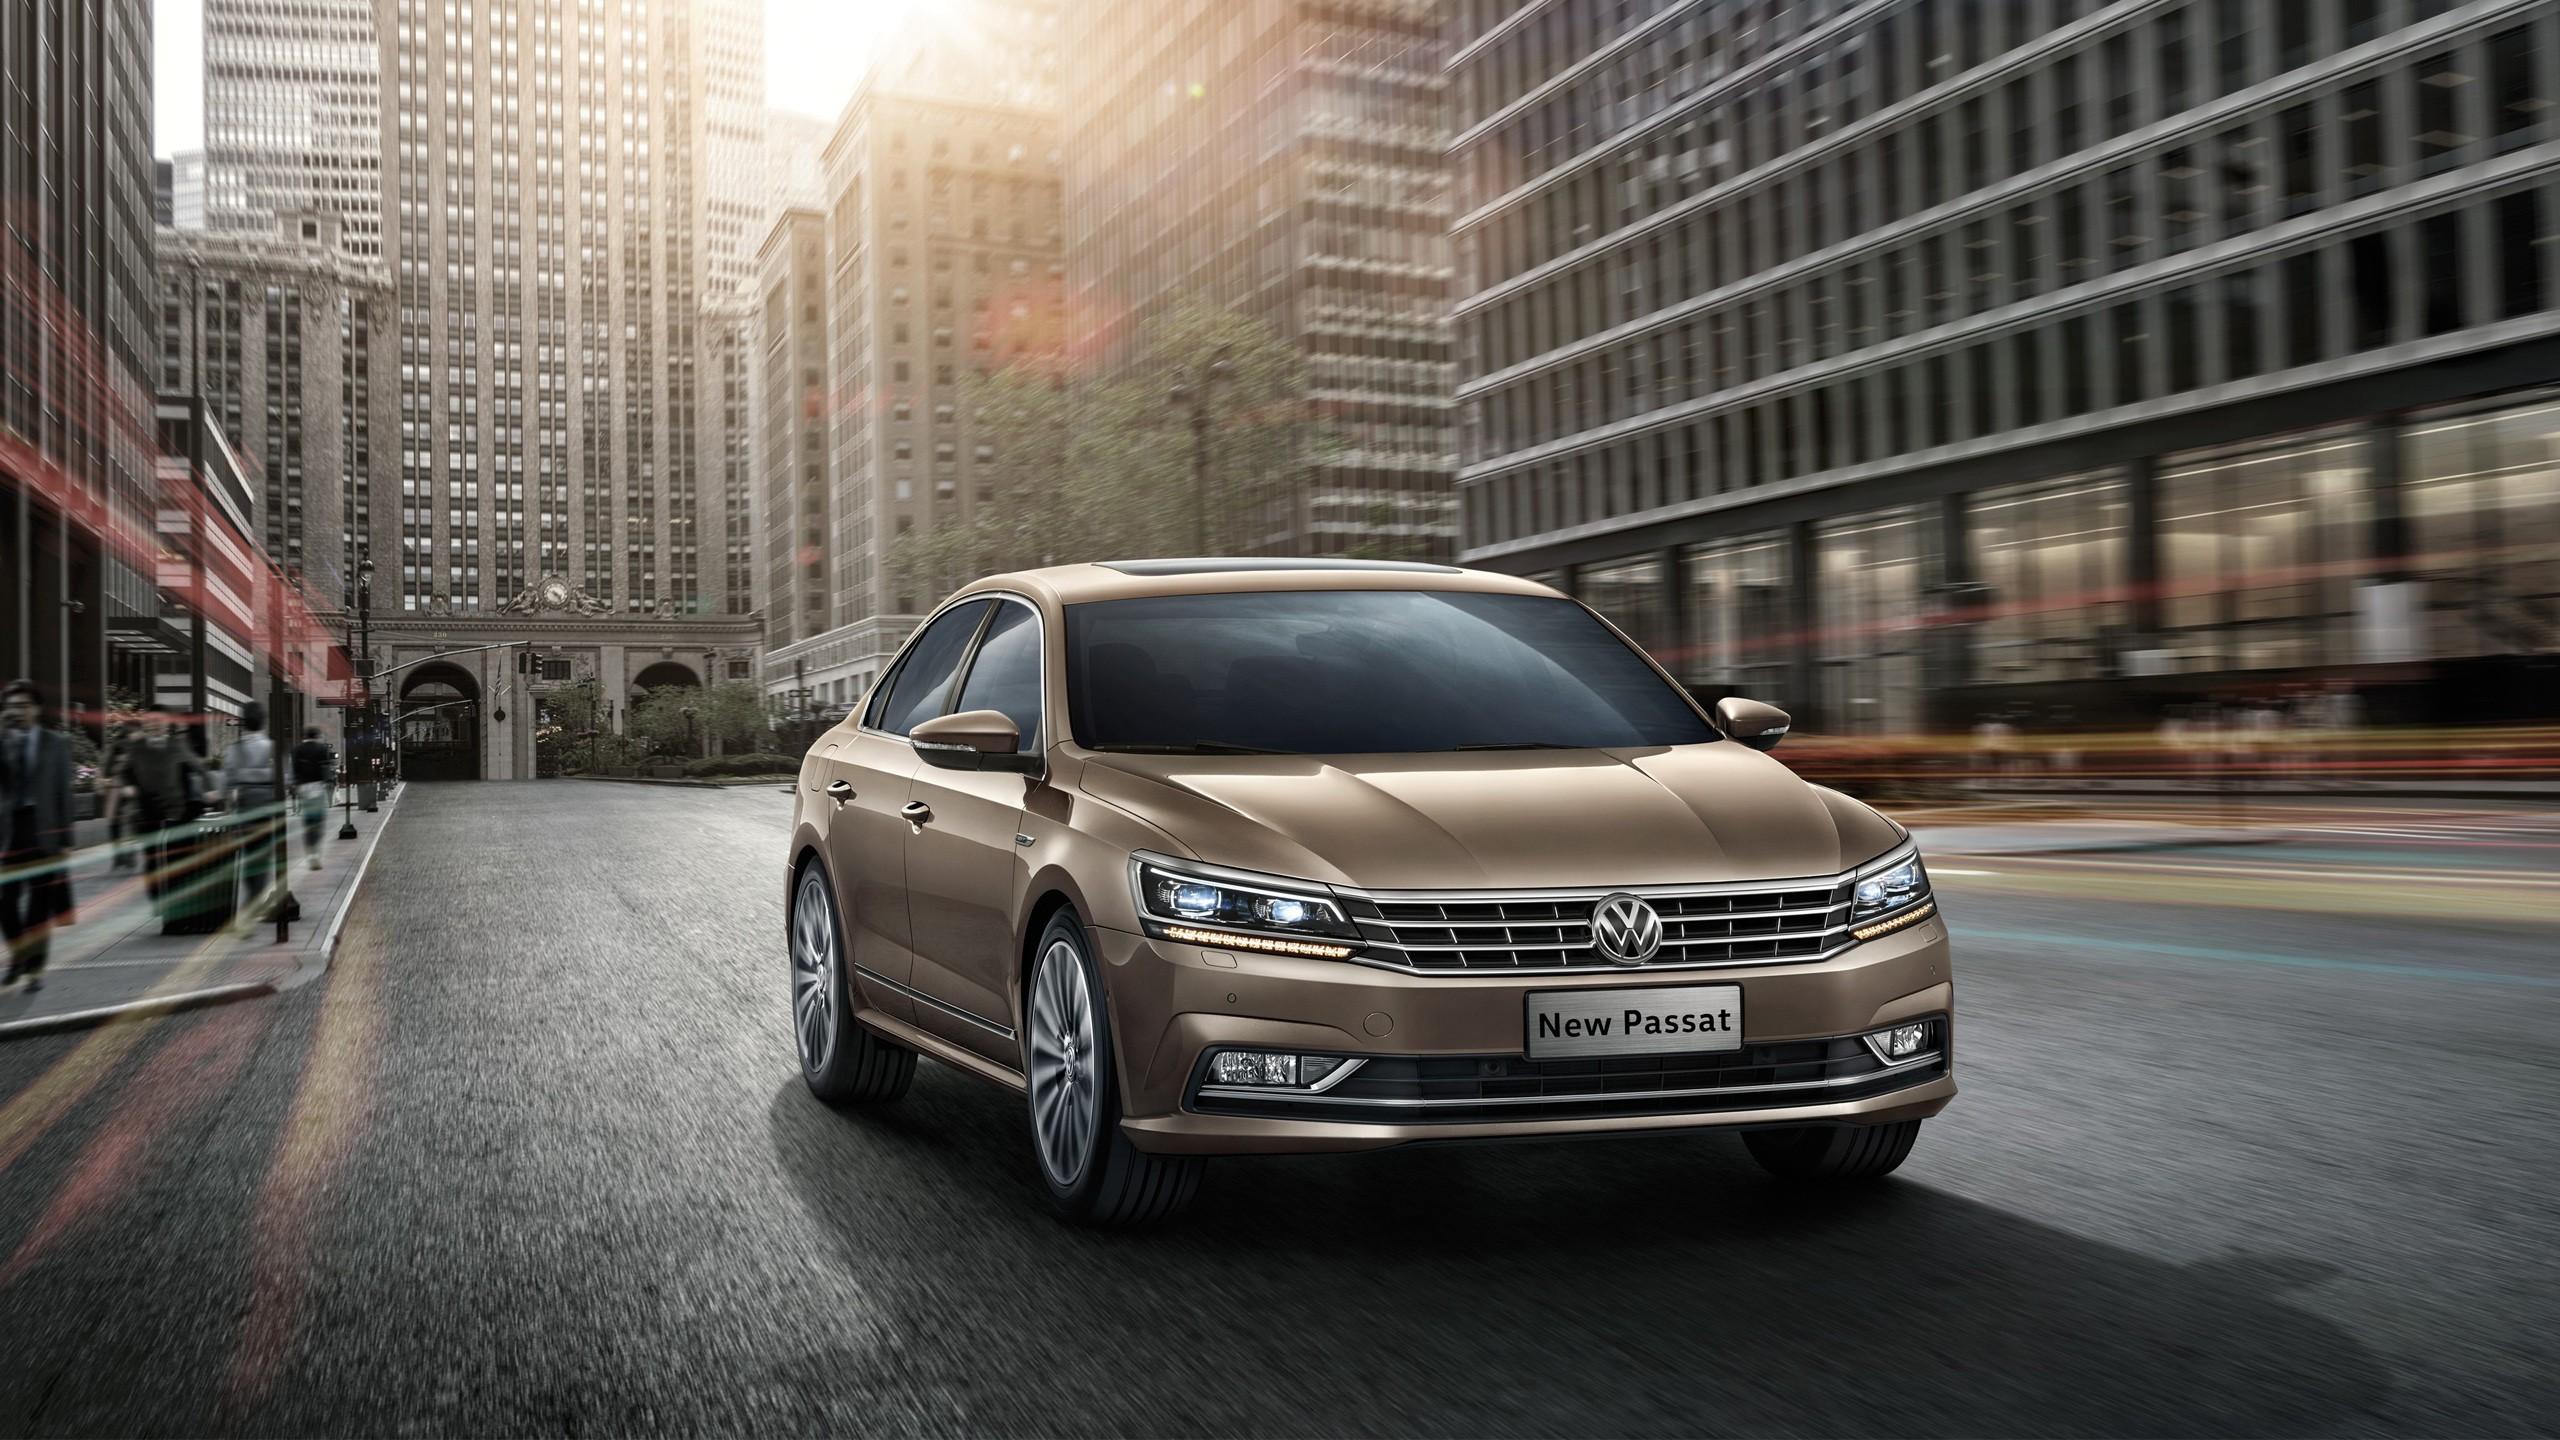 Volkswagen Passat Cn Spec 2016 Wallpaper Hd Car